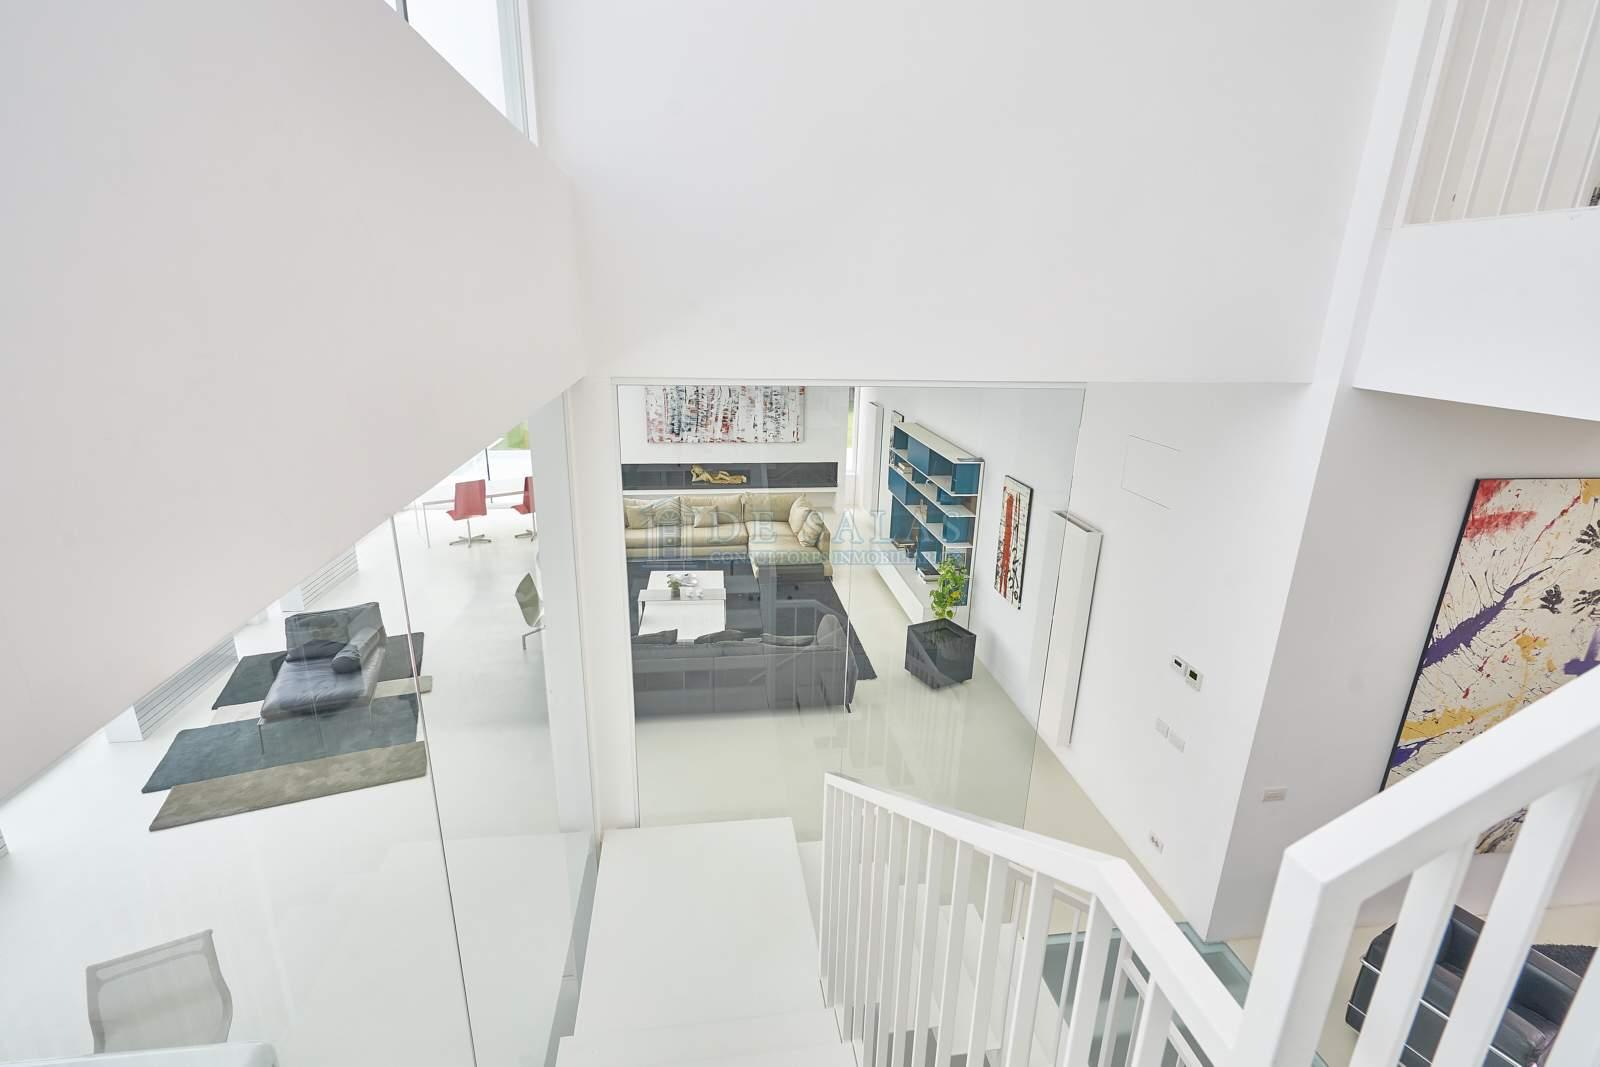 Escaleras-004 Maison La Moraleja